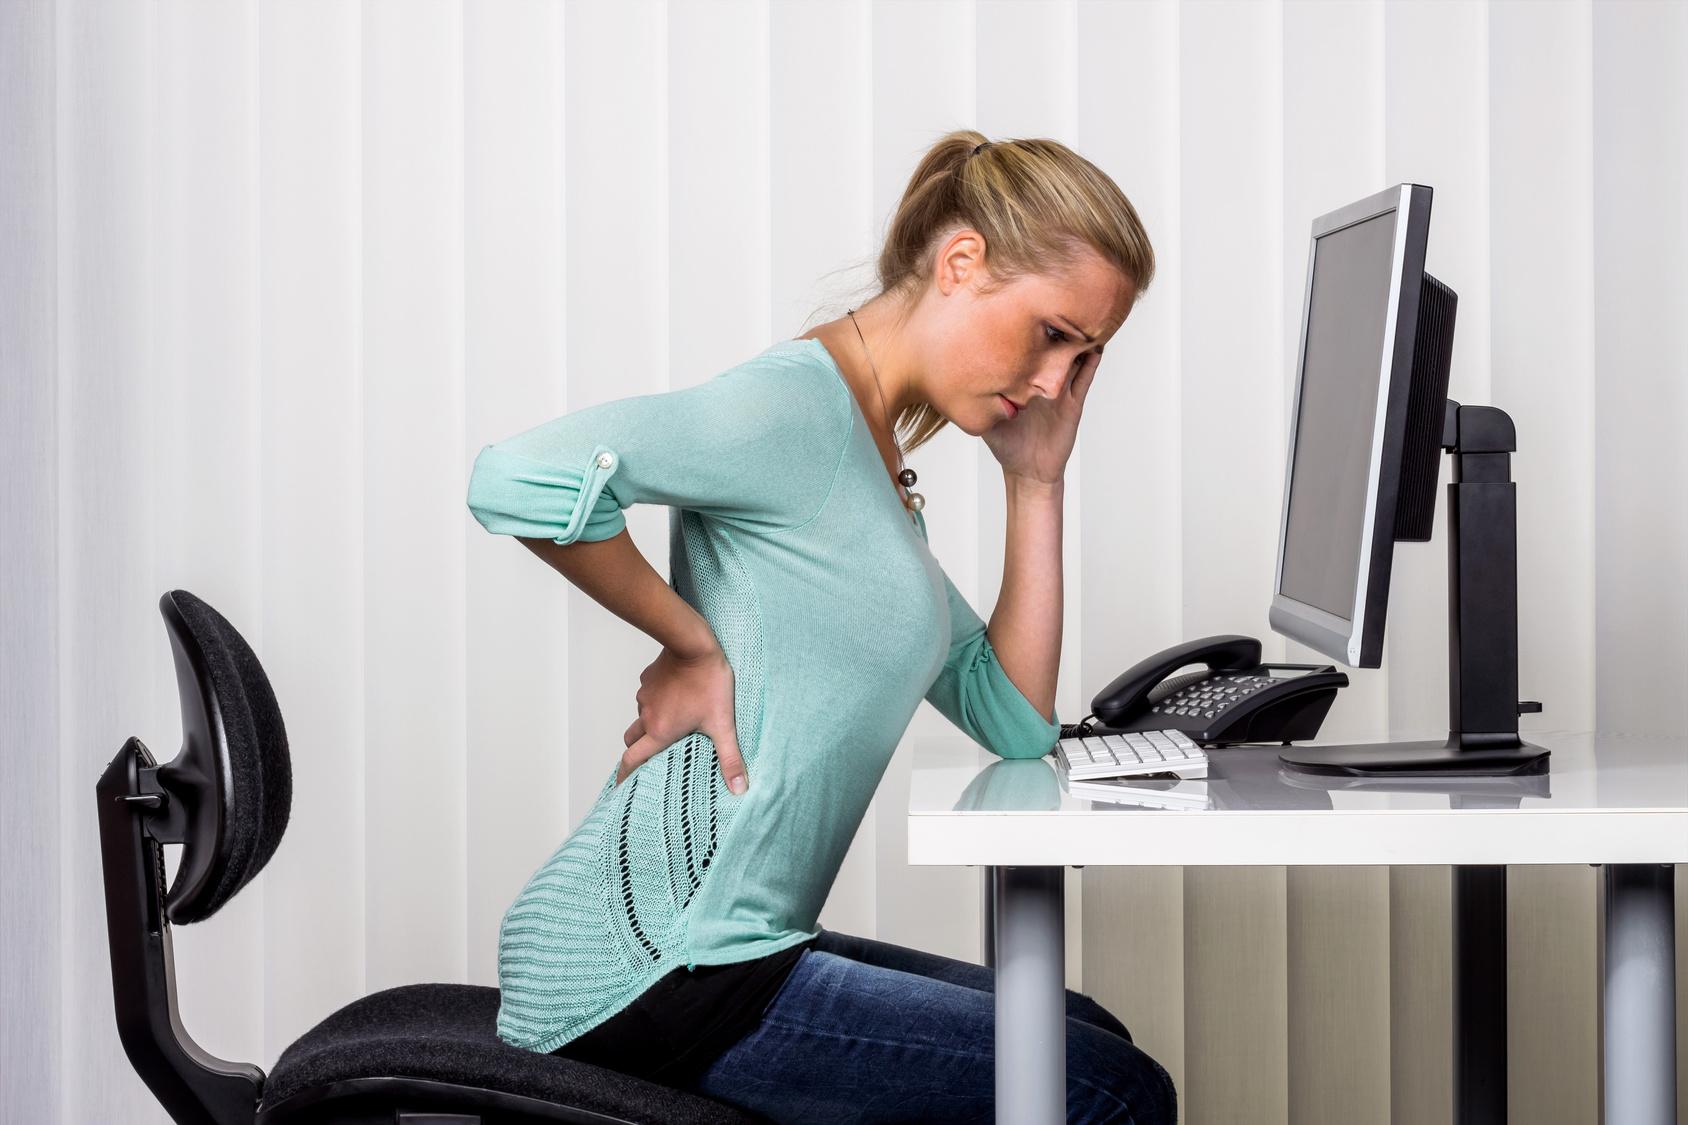 Frau mit Rückenschmerzen im Büro am Schreibtisch